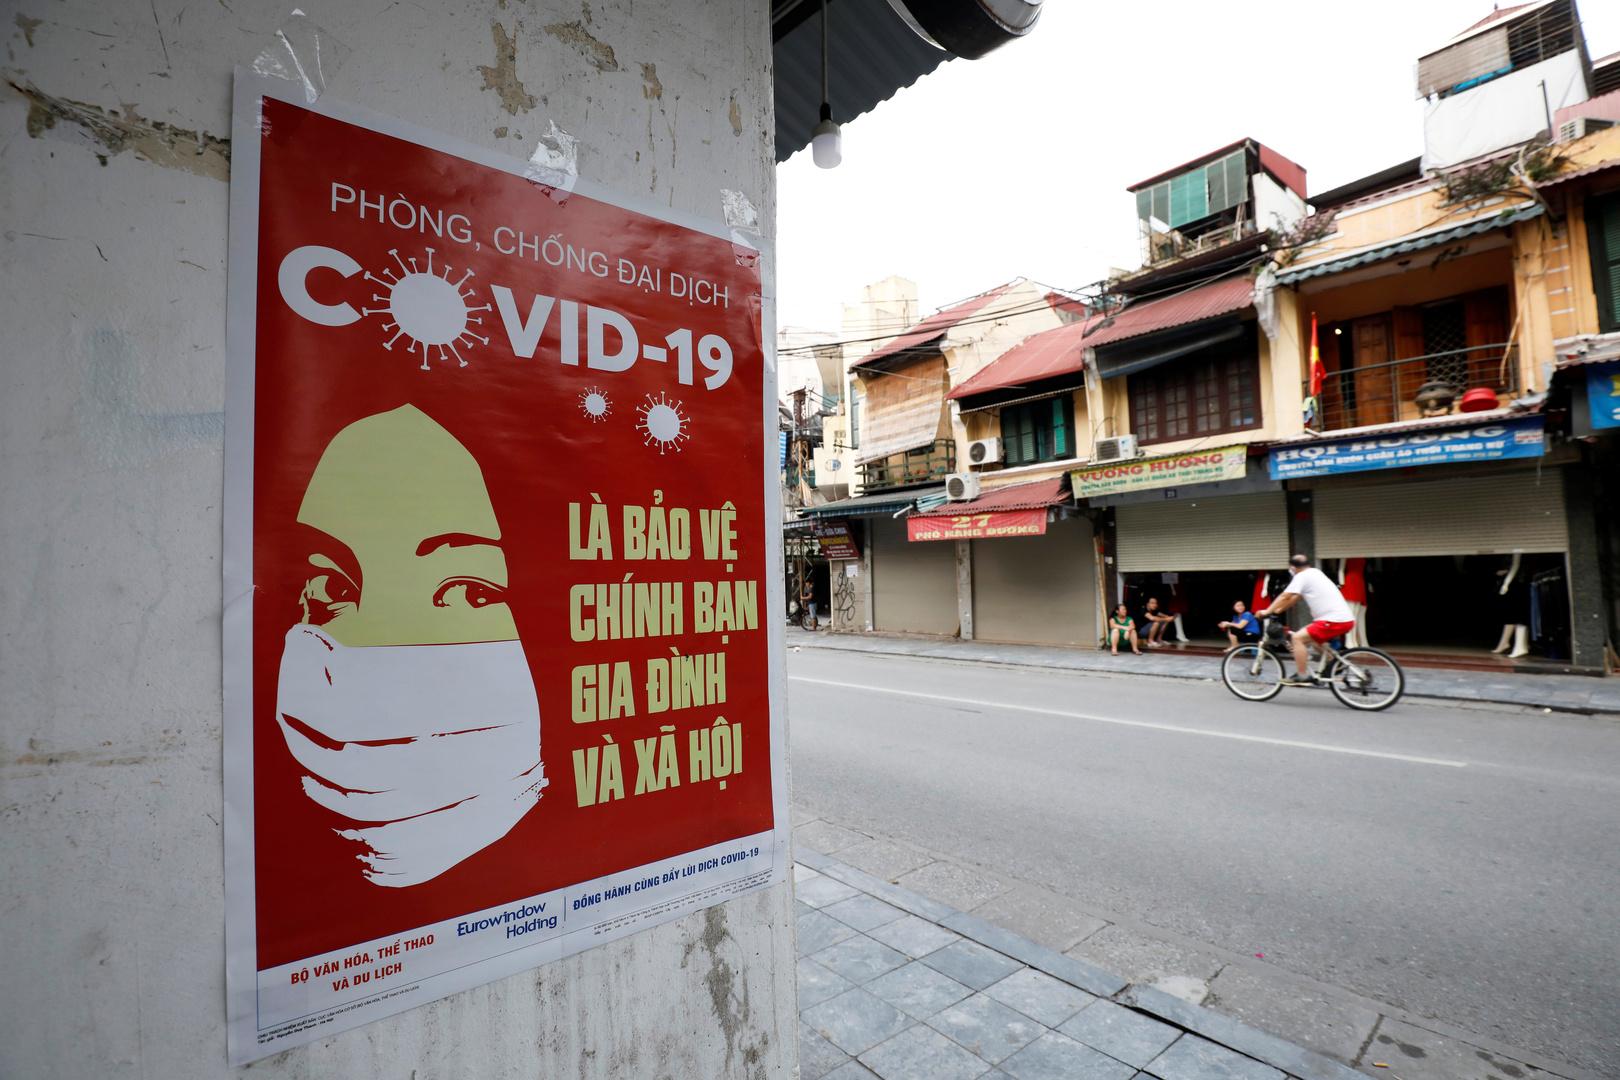 فيتنام تسجل ثالث وفاة وعشرات الإصابات الجديدة بكورونا